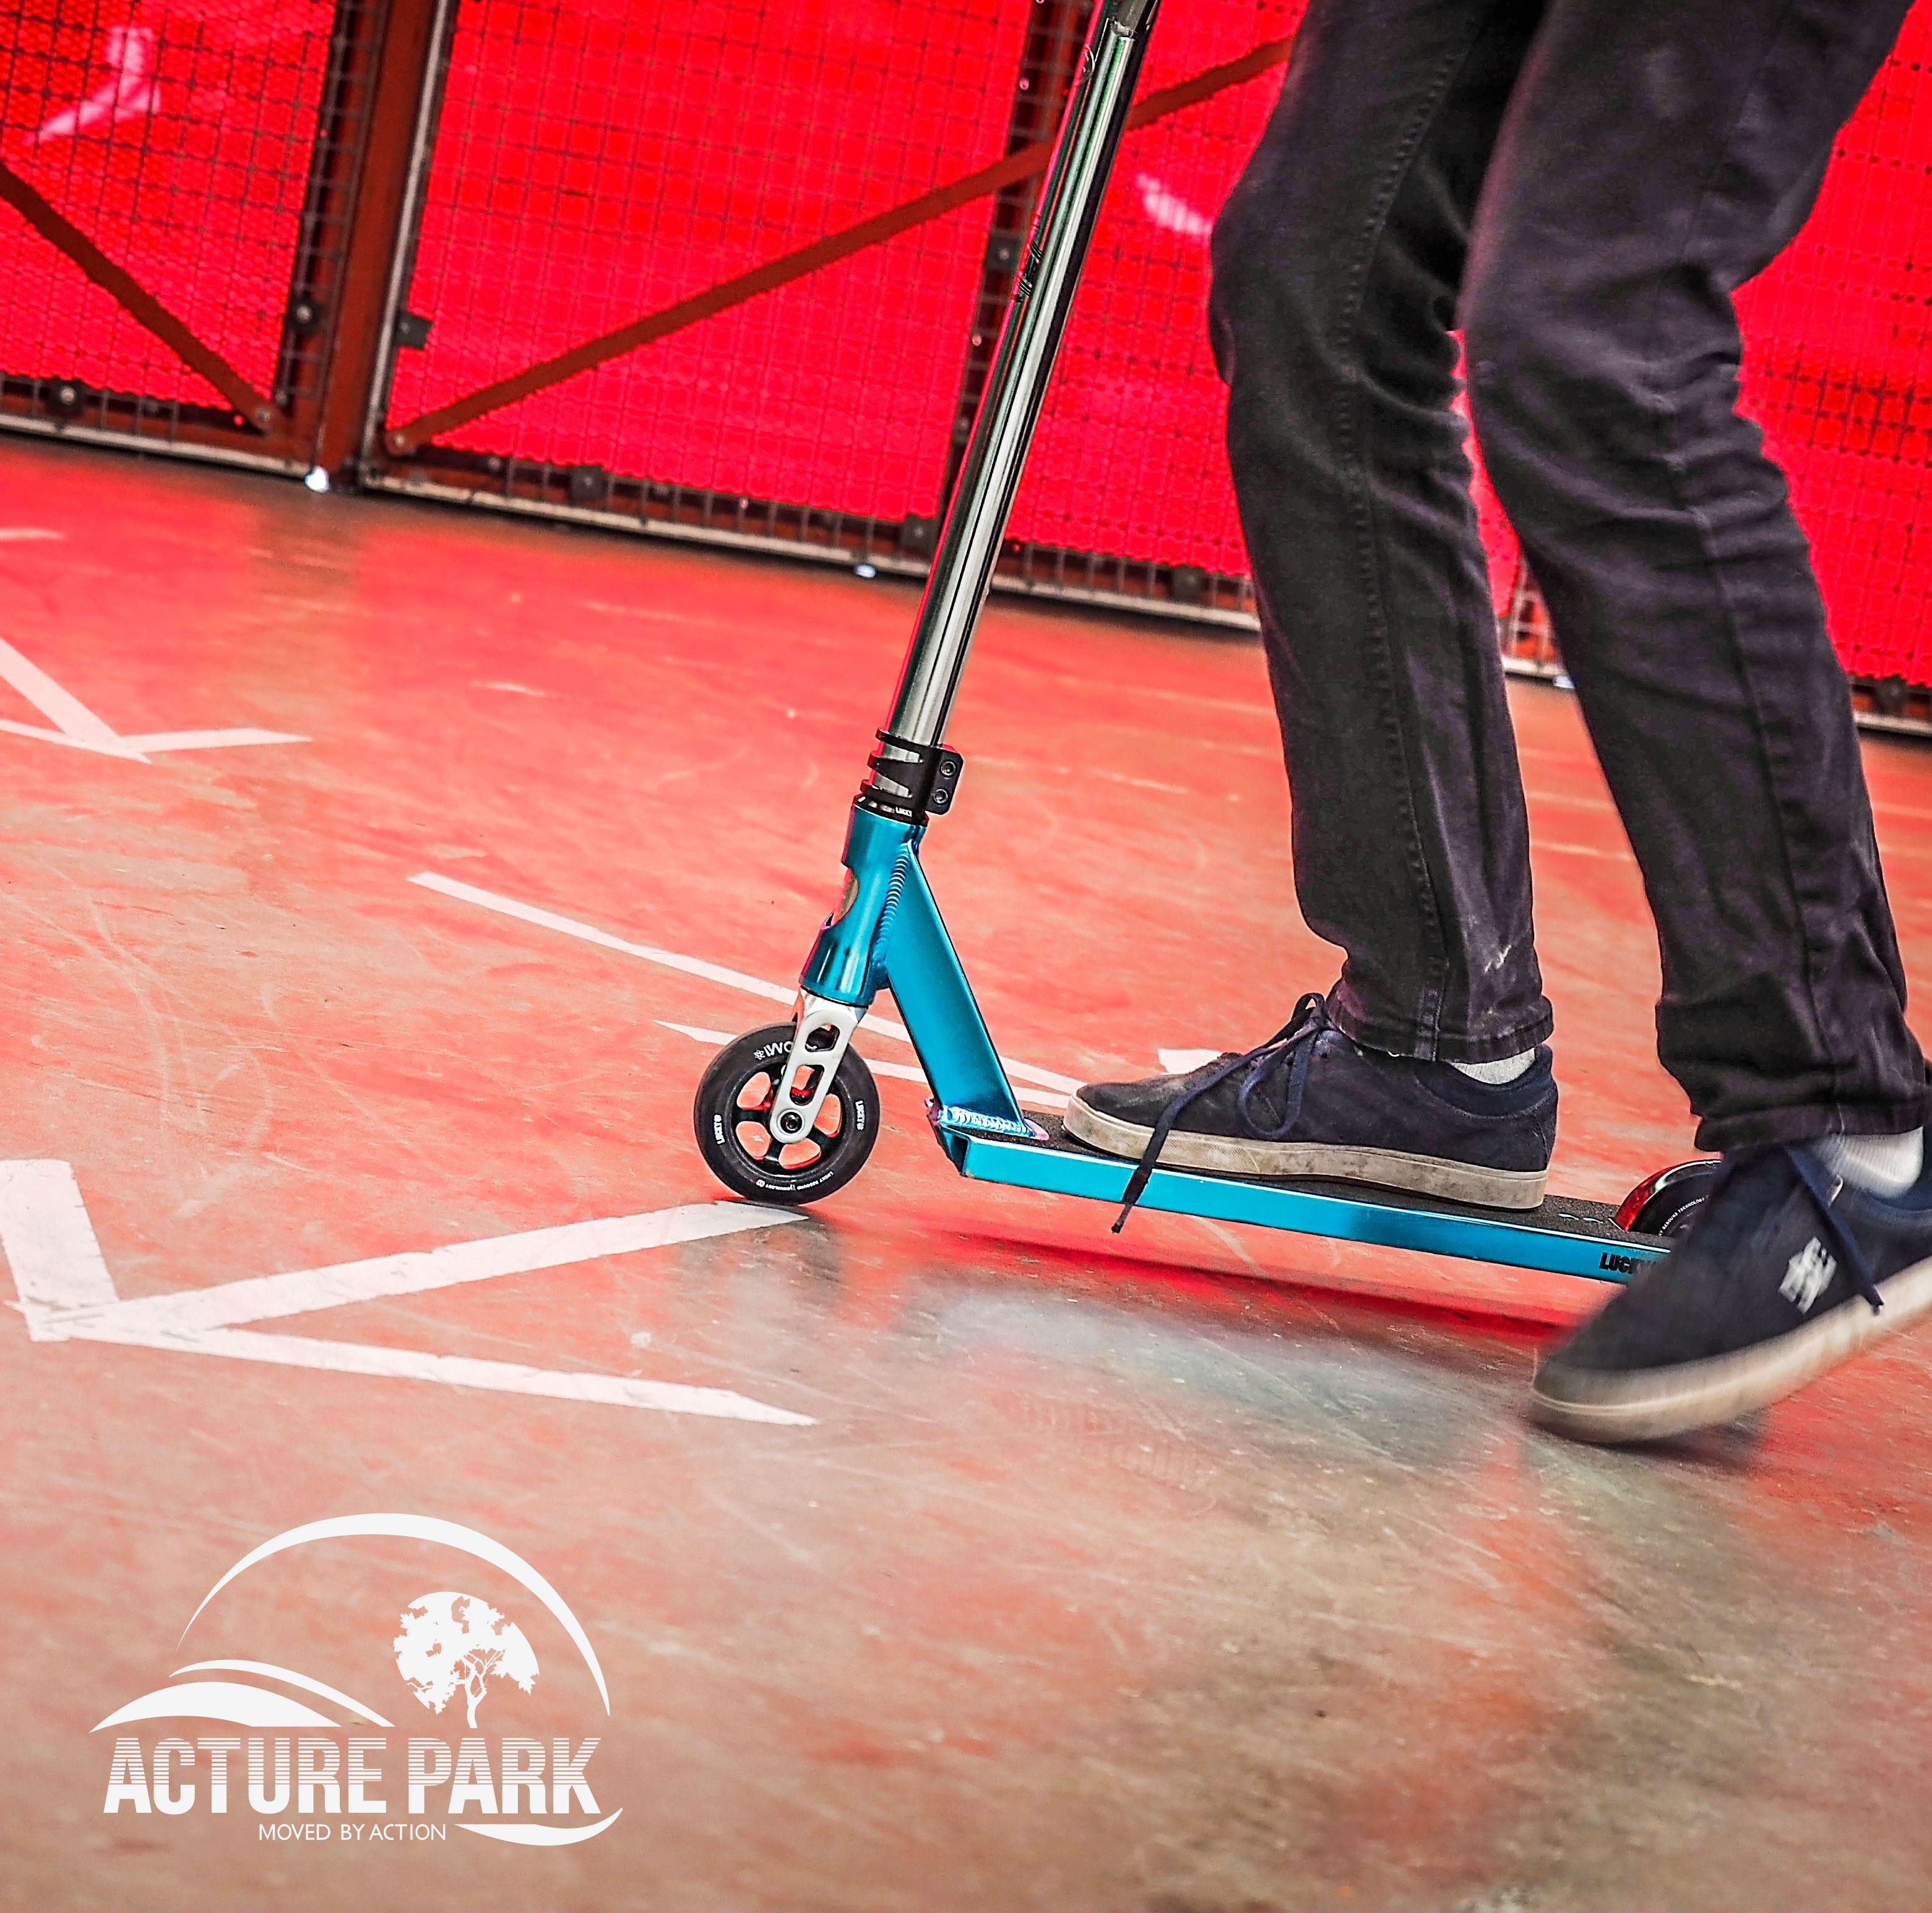 Løbehjulsskole - for nybegyndere i alle aldre